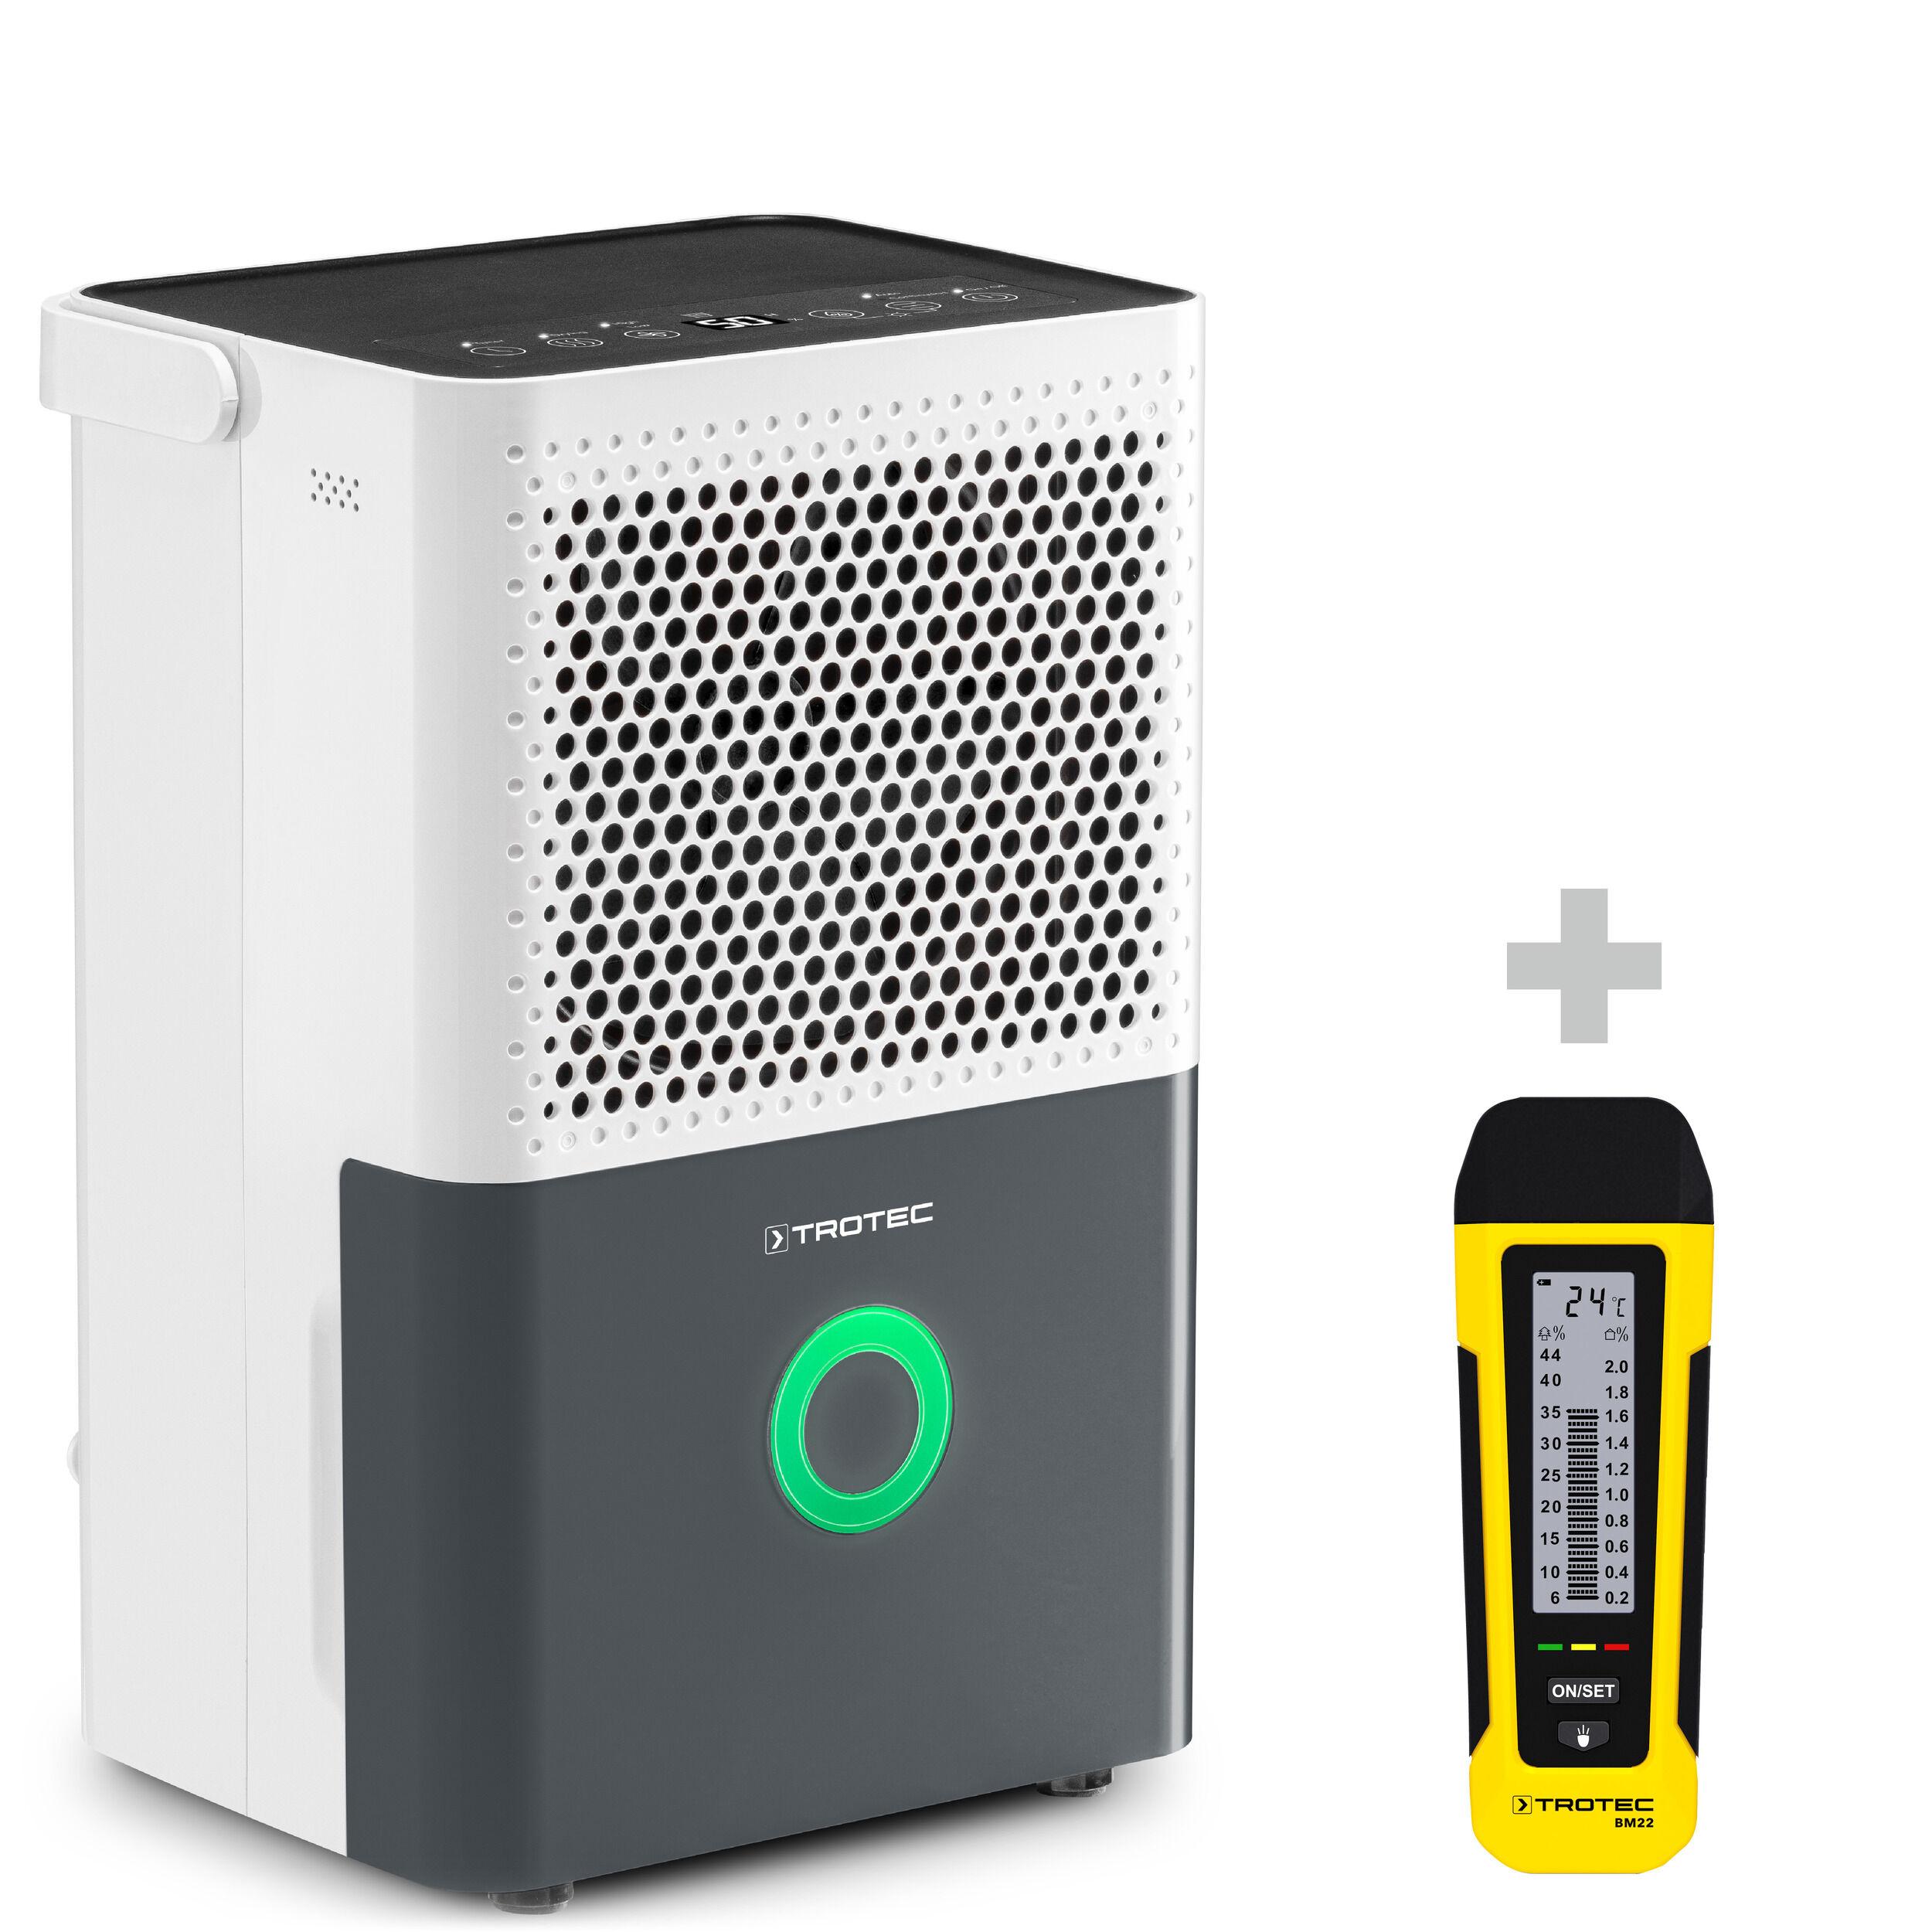 trotec deumidificatore comfort ttk 33 e + misuratore di umidità bm22